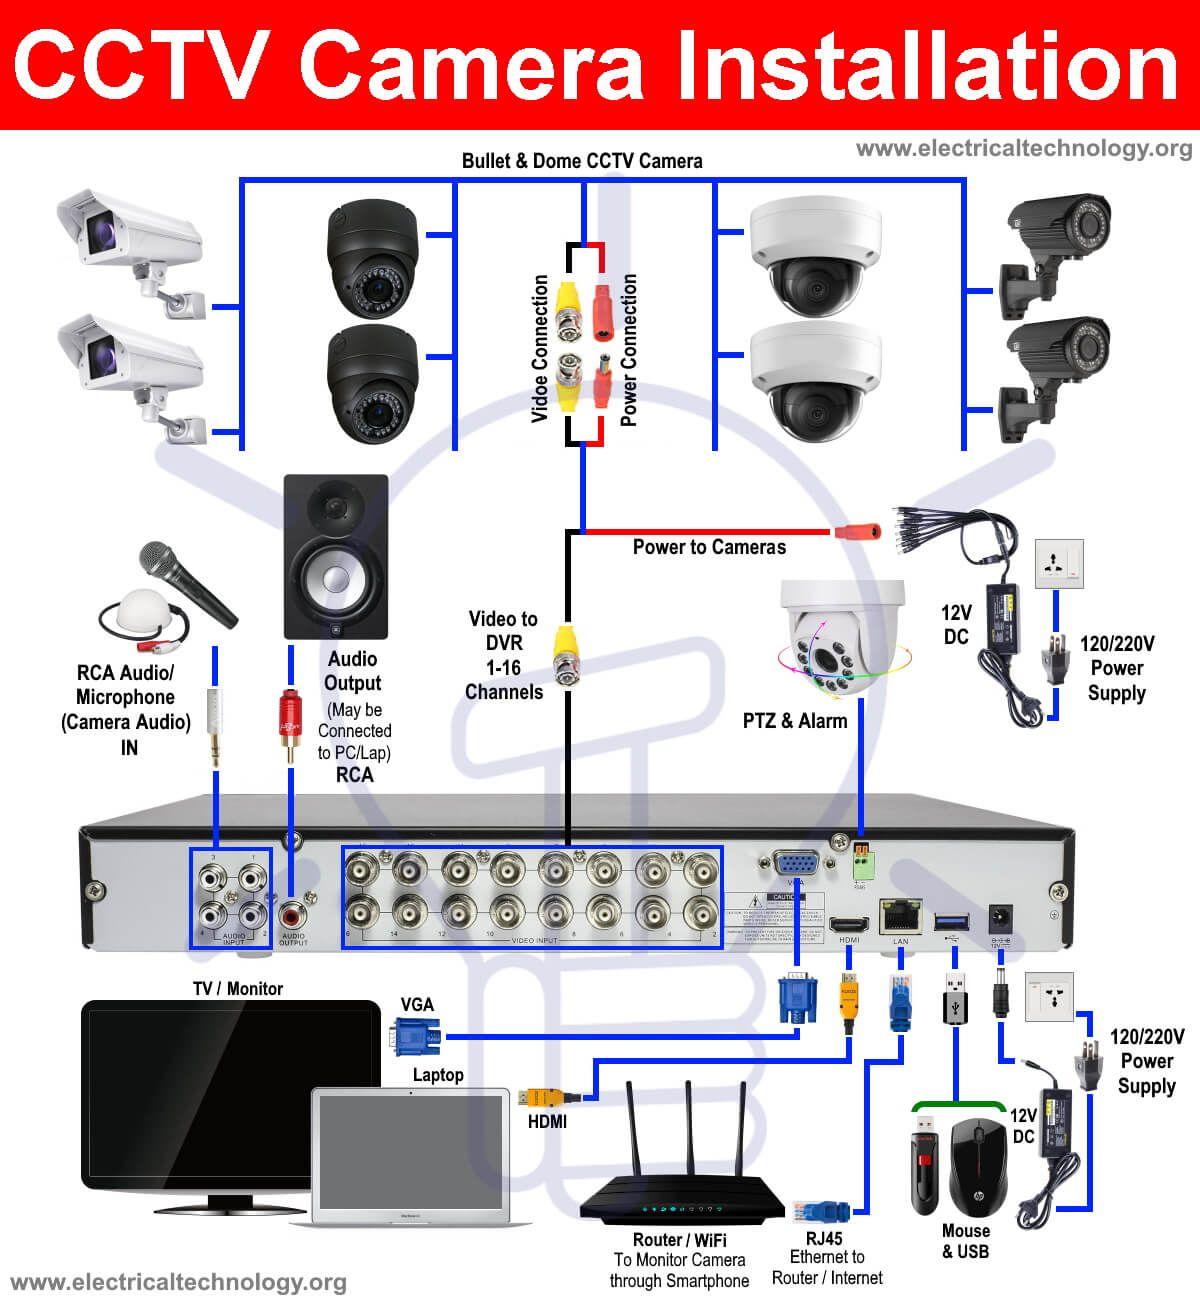 How To Install A Cctv Camera Cctv Camera Installation With Dvr Cctv Camera Installation Cctv Camera Security Camera Installation